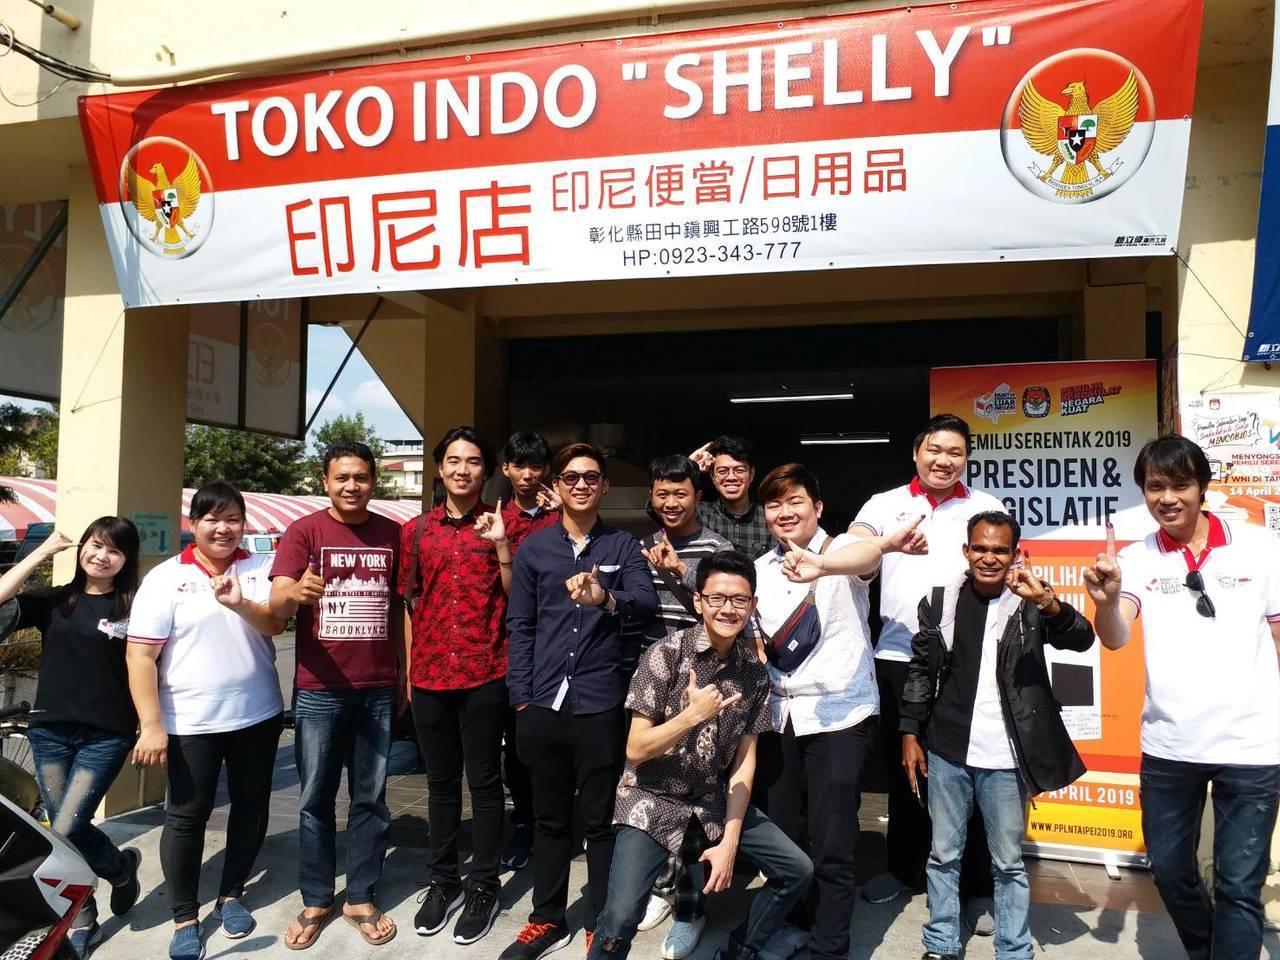 印尼第四屆總統大選將於4月17日舉行投票,明道大學100多位印尼生也前往彰化田中...